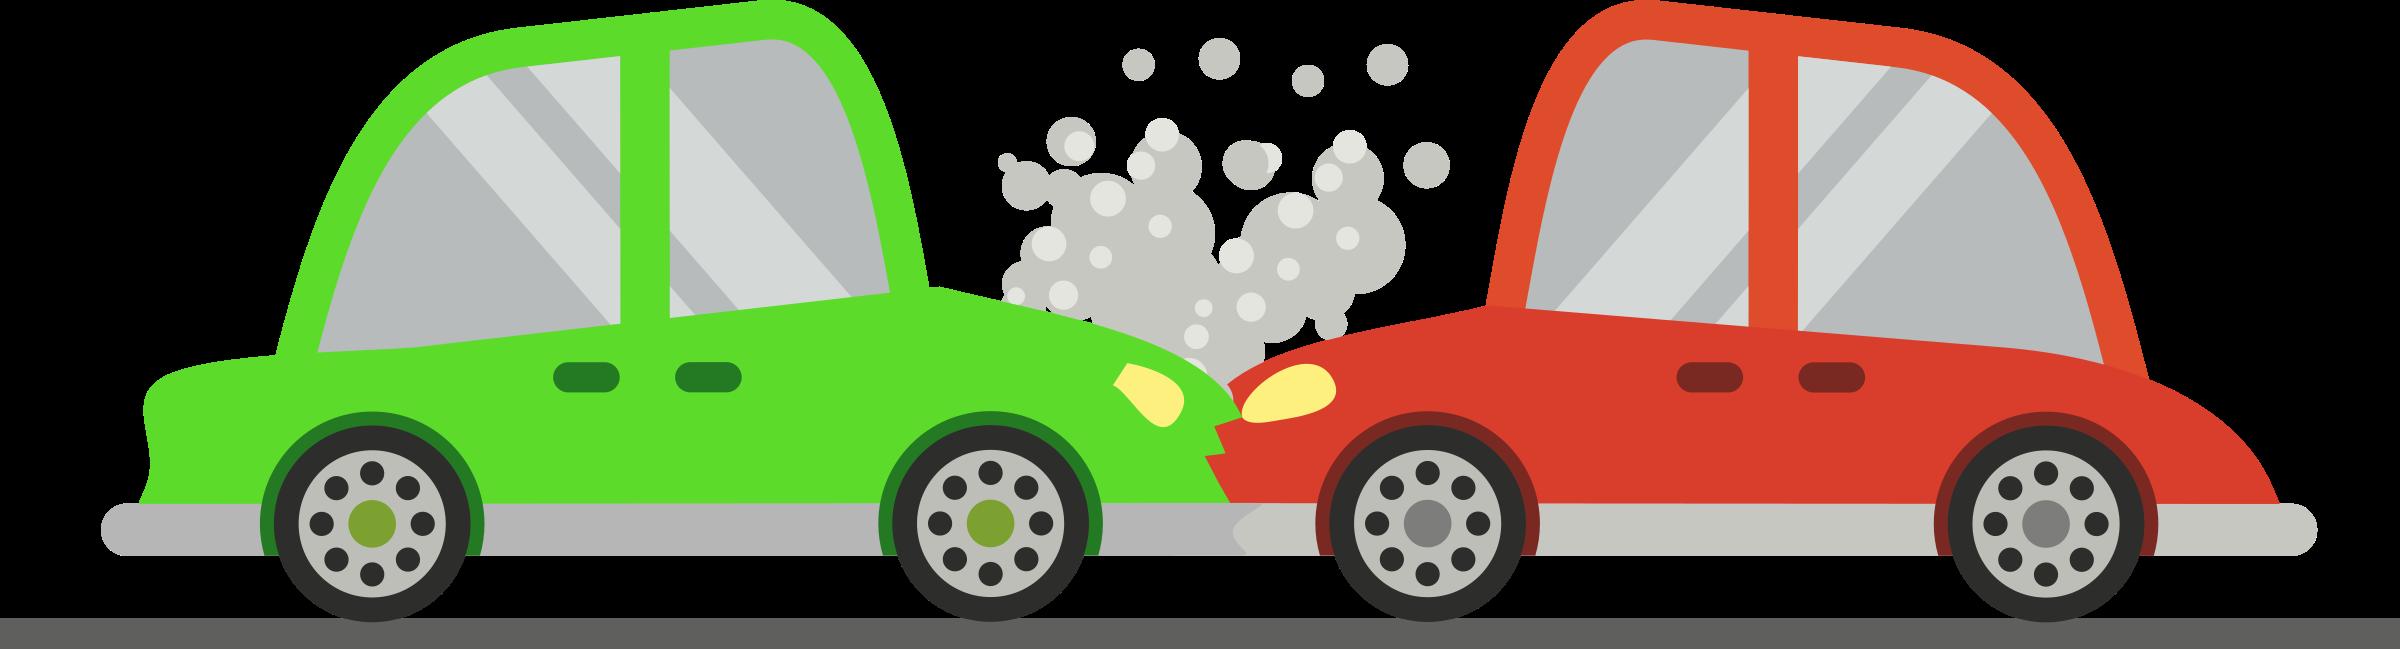 Clipart cars smoke. Two crash big image